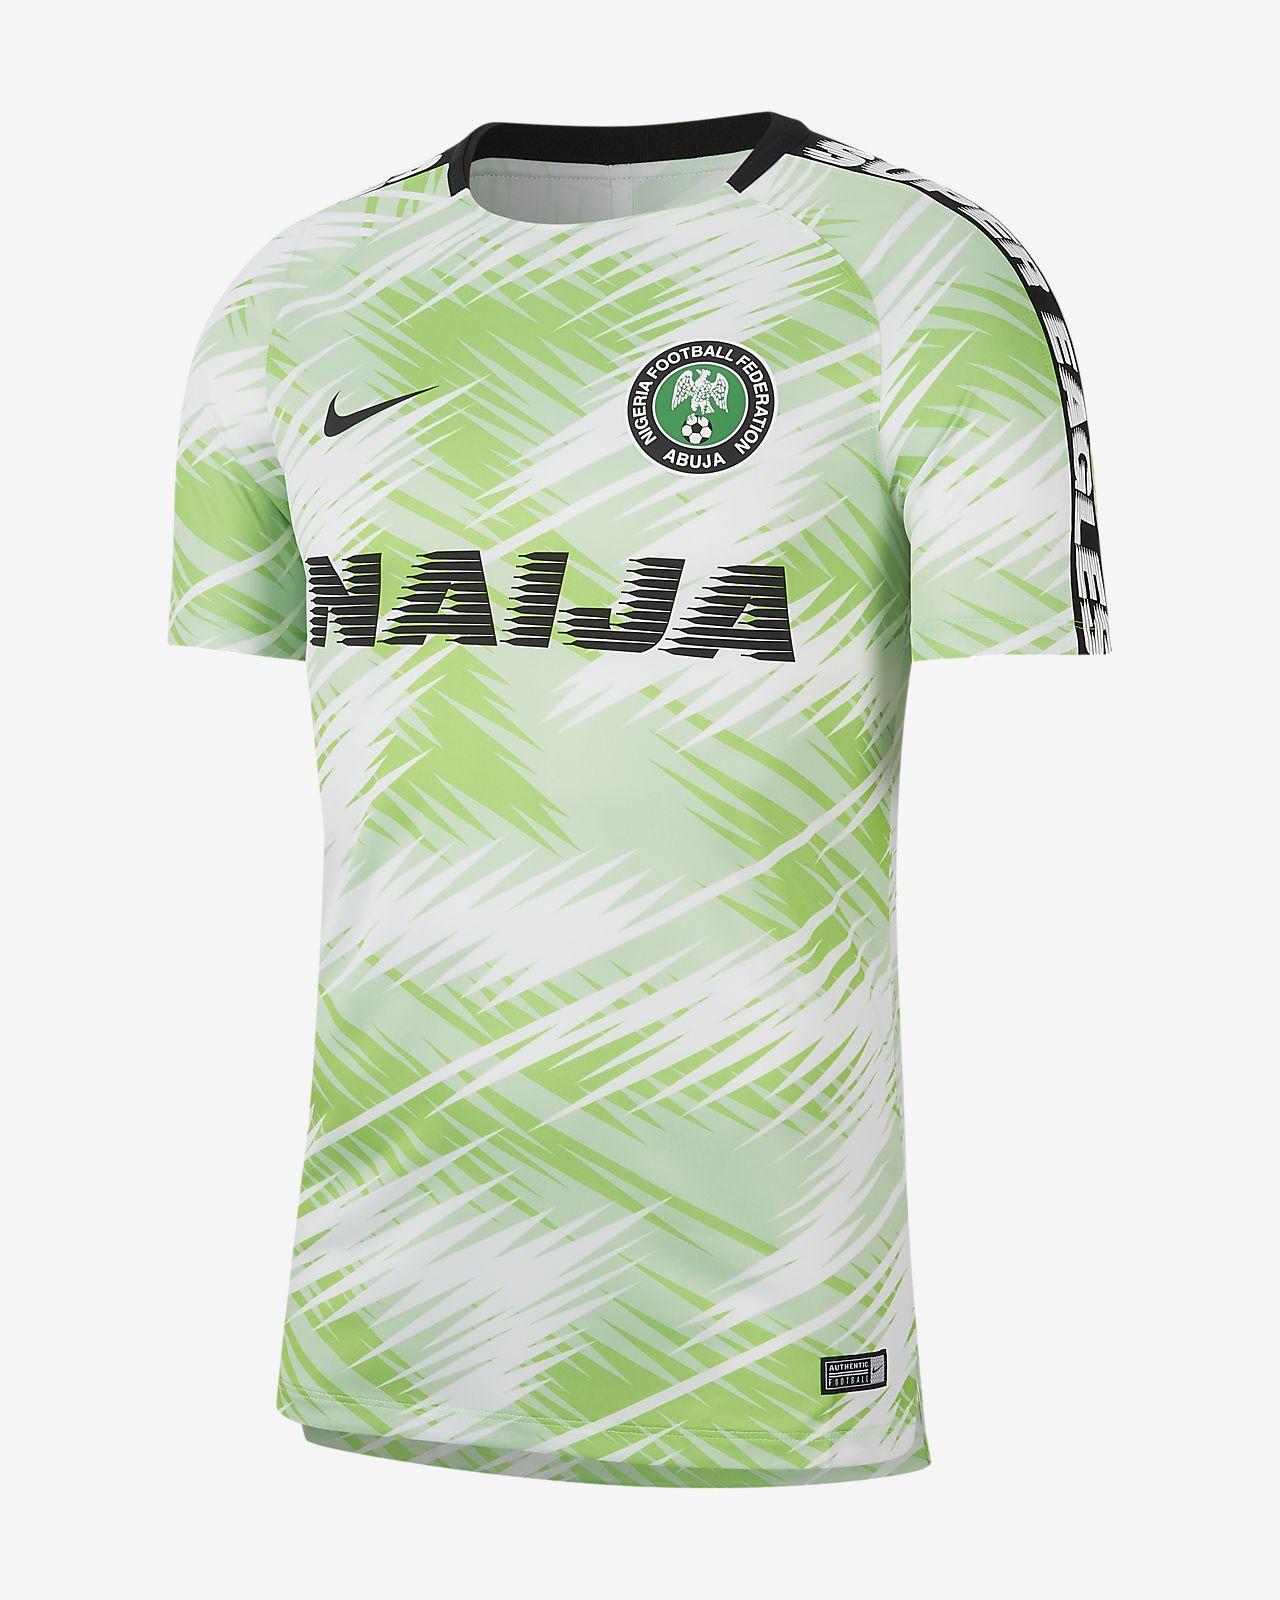 Ανδρική ποδοσφαιρική μπλούζα Nigeria Squad